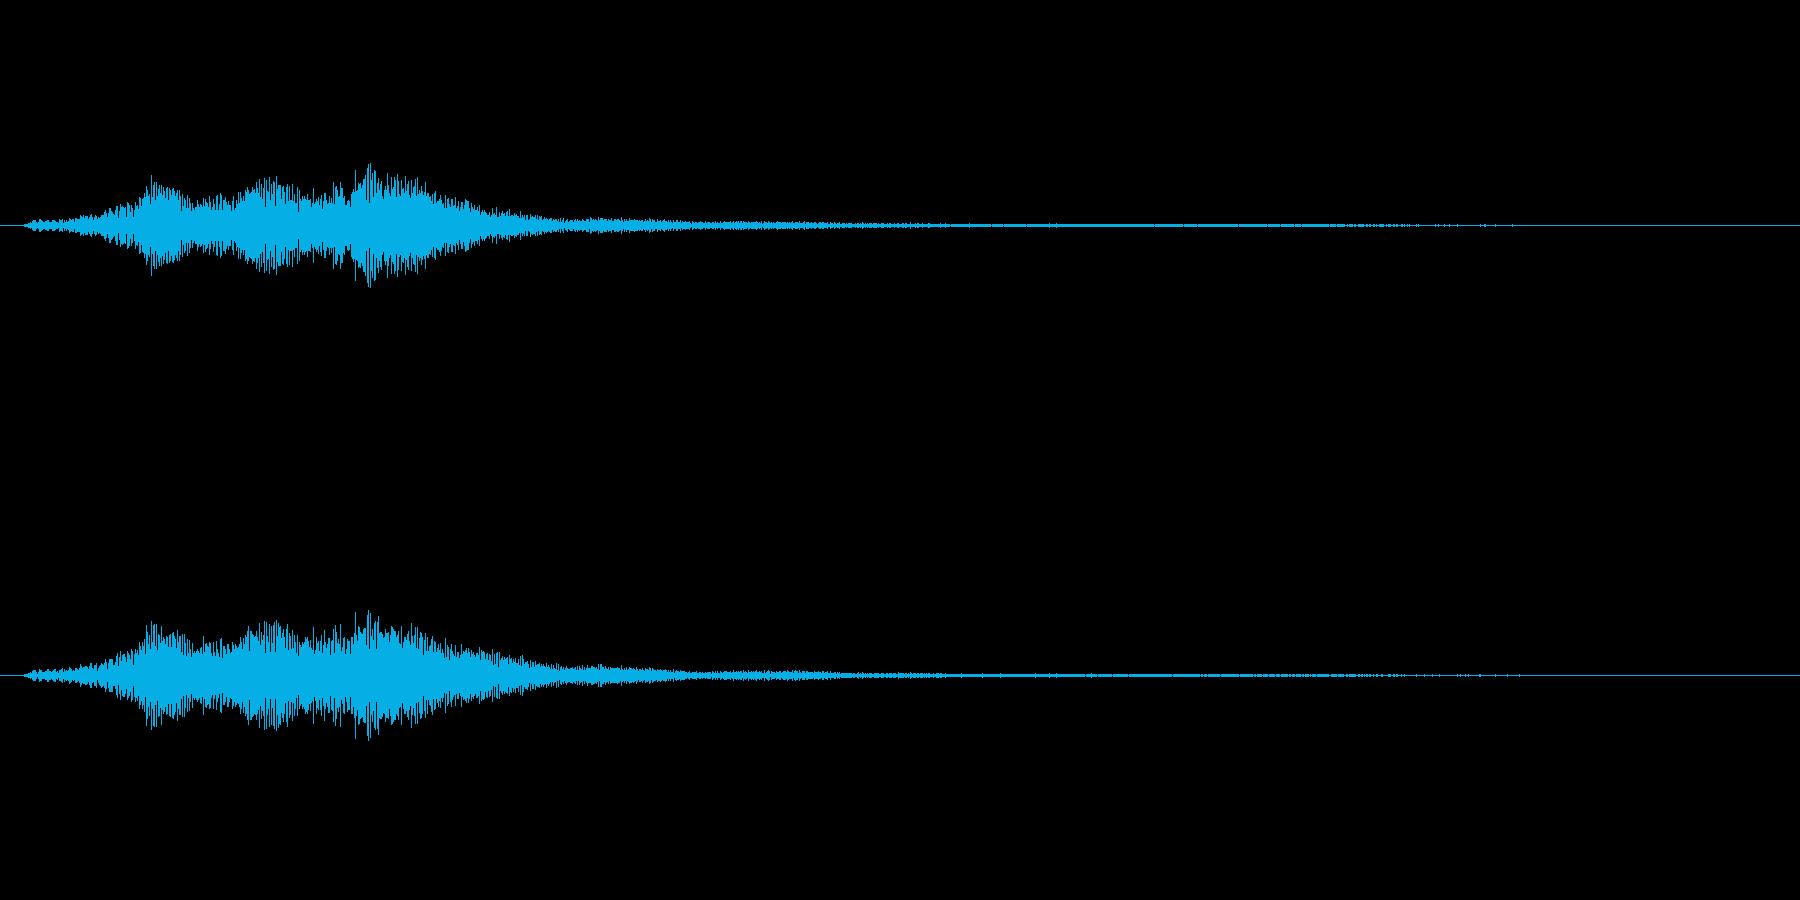 ハープグリッサンド上行3回~Cの再生済みの波形